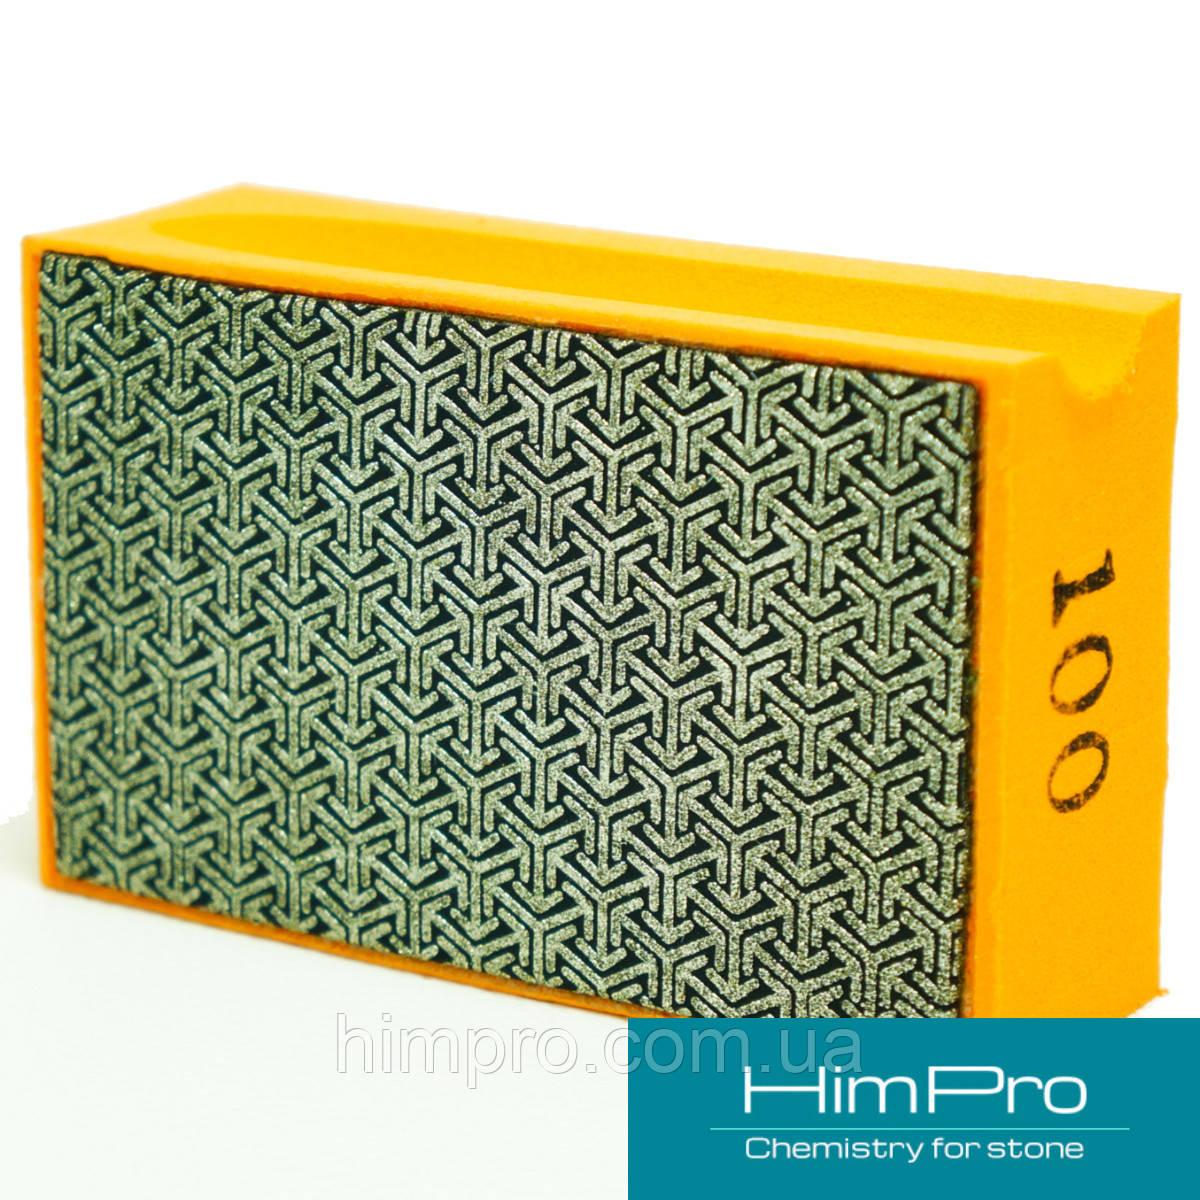 P100 Алмазні pad для ручного шліфування та полірування мармуру, травертину, оніксу, граніту, кераміки, скла